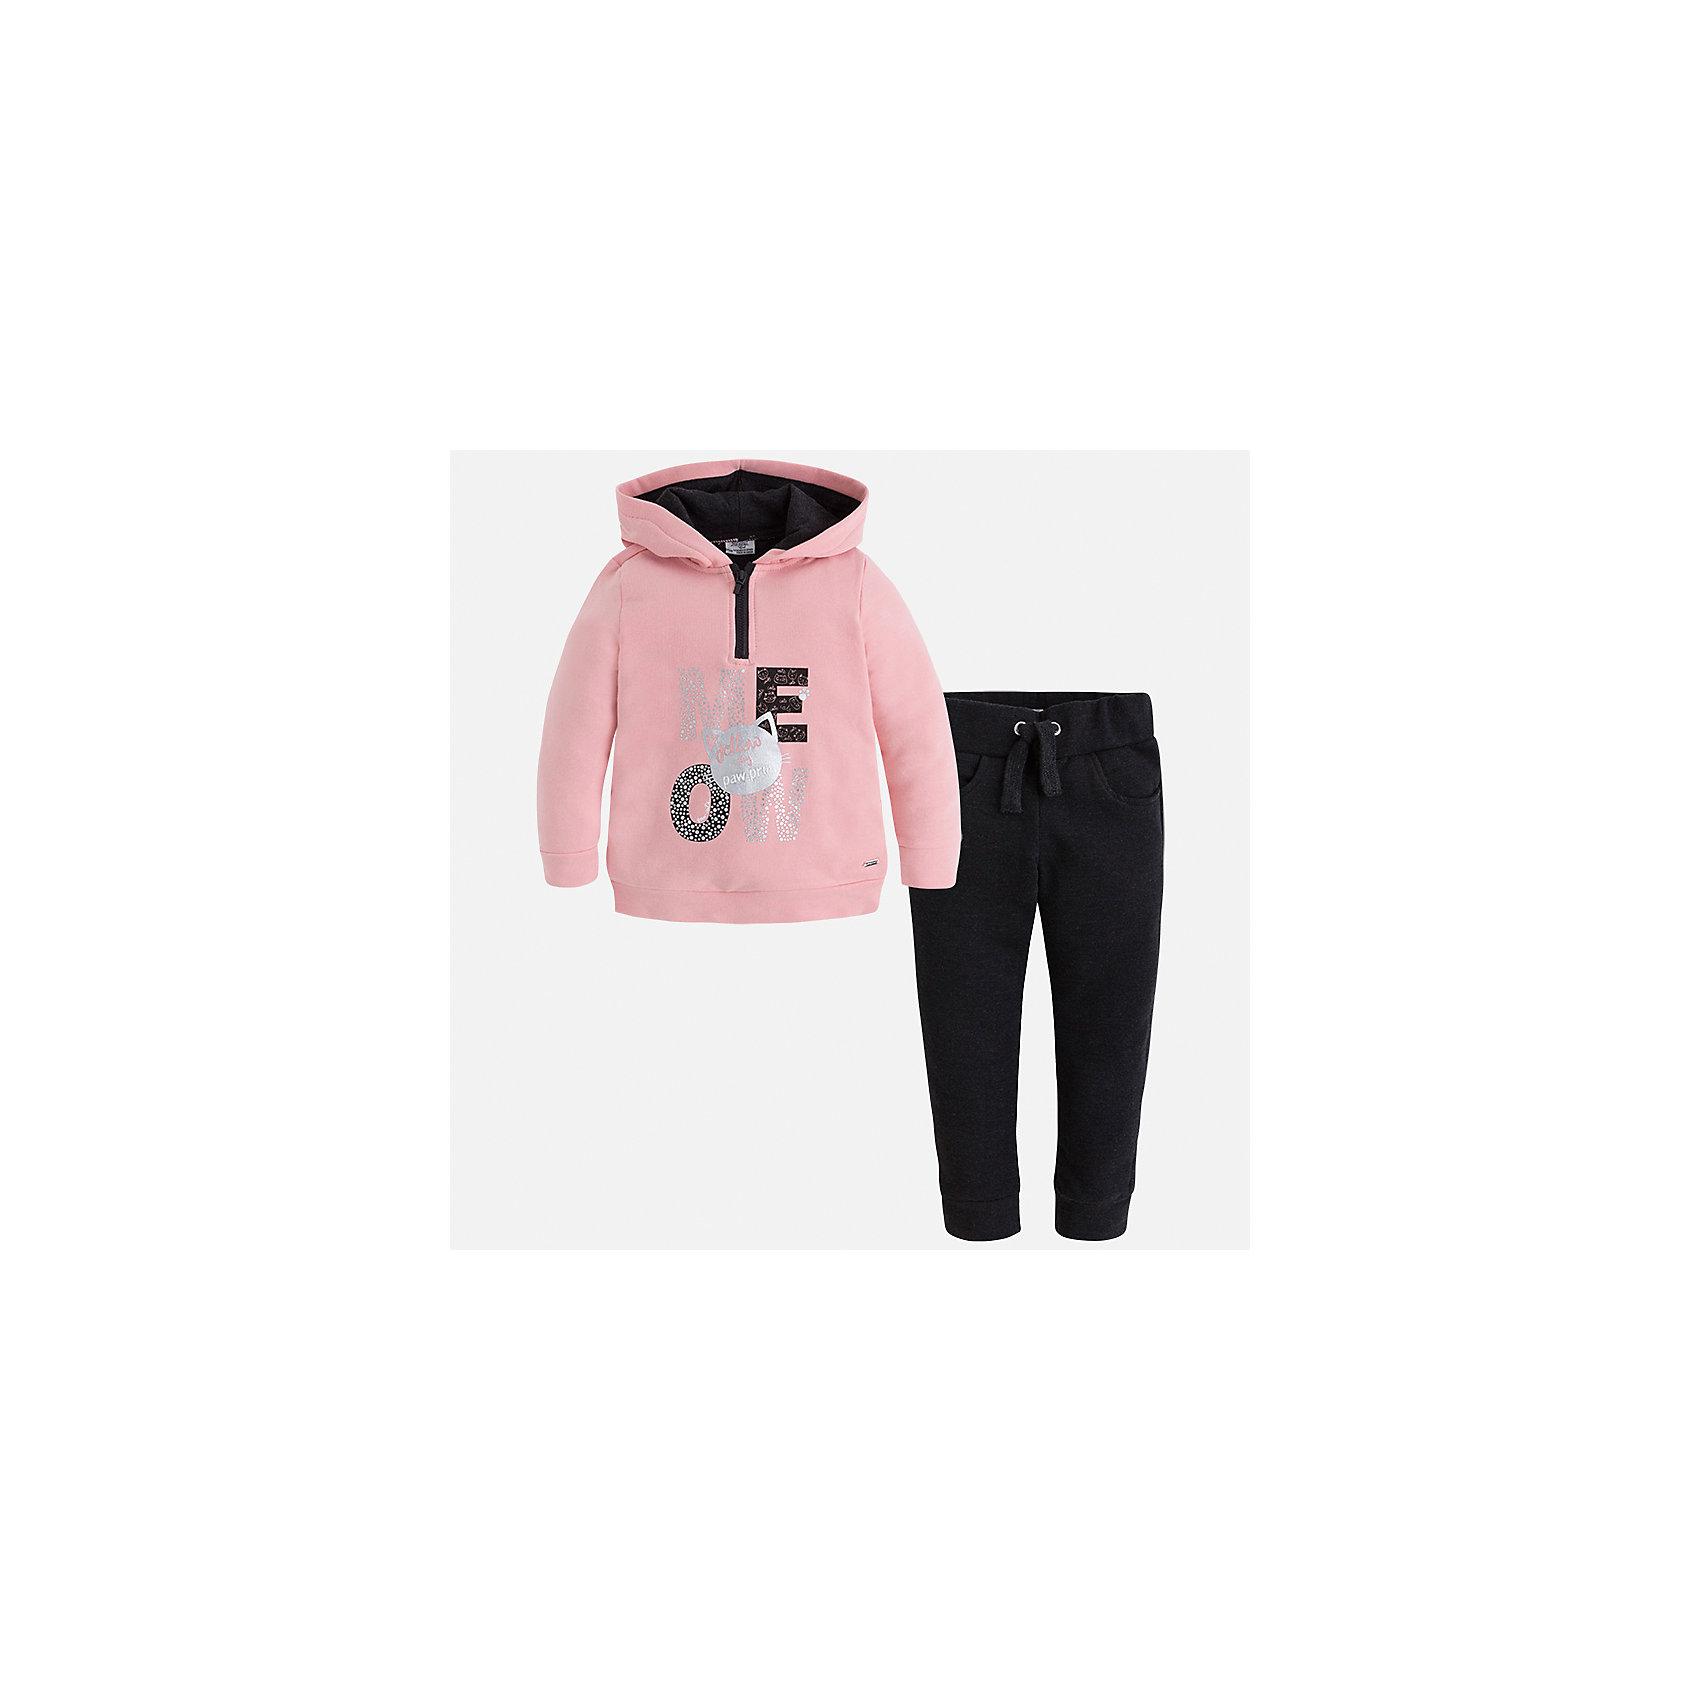 Спортивный костюм Mayoral для девочкиСпортивная форма<br>Характеристики товара:<br><br>• цвет: черный<br>• комплектация: курточка и брюки<br>• состав ткани курточки: 48% хлопок, 37% полиэстер, 5% эластан; подкладка - 60% хлопок, 40% полиэстер<br>• состав ткани брюк: 58% хлопок, 38% полиэстер, 4% эластан<br>• длинные рукава<br>• застежка: молния<br>• пояс: резинка и шнурок<br>• особенности модели: спортивный стиль<br>• сезон: круглый год<br>• страна бренда: Испания<br>• страна изготовитель: Индия<br><br>Курточка с принтом из этого комплекта дополнена капюшоном. Удобный детский спортивный костюм от известного бренда Майорал выглядит аккуратно и стильно. Модный спортивный костюм - отличный вариант одежды для отдыха и занятий спортом. <br><br>Для производства детской одежды популярный бренд Mayoral использует только качественную фурнитуру и материалы. Оригинальные и модные вещи от Майорал неизменно привлекают внимание и нравятся детям.<br><br>Спортивный костюм для девочки Mayoral (Майорал) можно купить в нашем интернет-магазине.<br><br>Ширина мм: 247<br>Глубина мм: 16<br>Высота мм: 140<br>Вес г: 225<br>Цвет: черный<br>Возраст от месяцев: 96<br>Возраст до месяцев: 108<br>Пол: Женский<br>Возраст: Детский<br>Размер: 134,98,104,110,116,122,128<br>SKU: 6922981